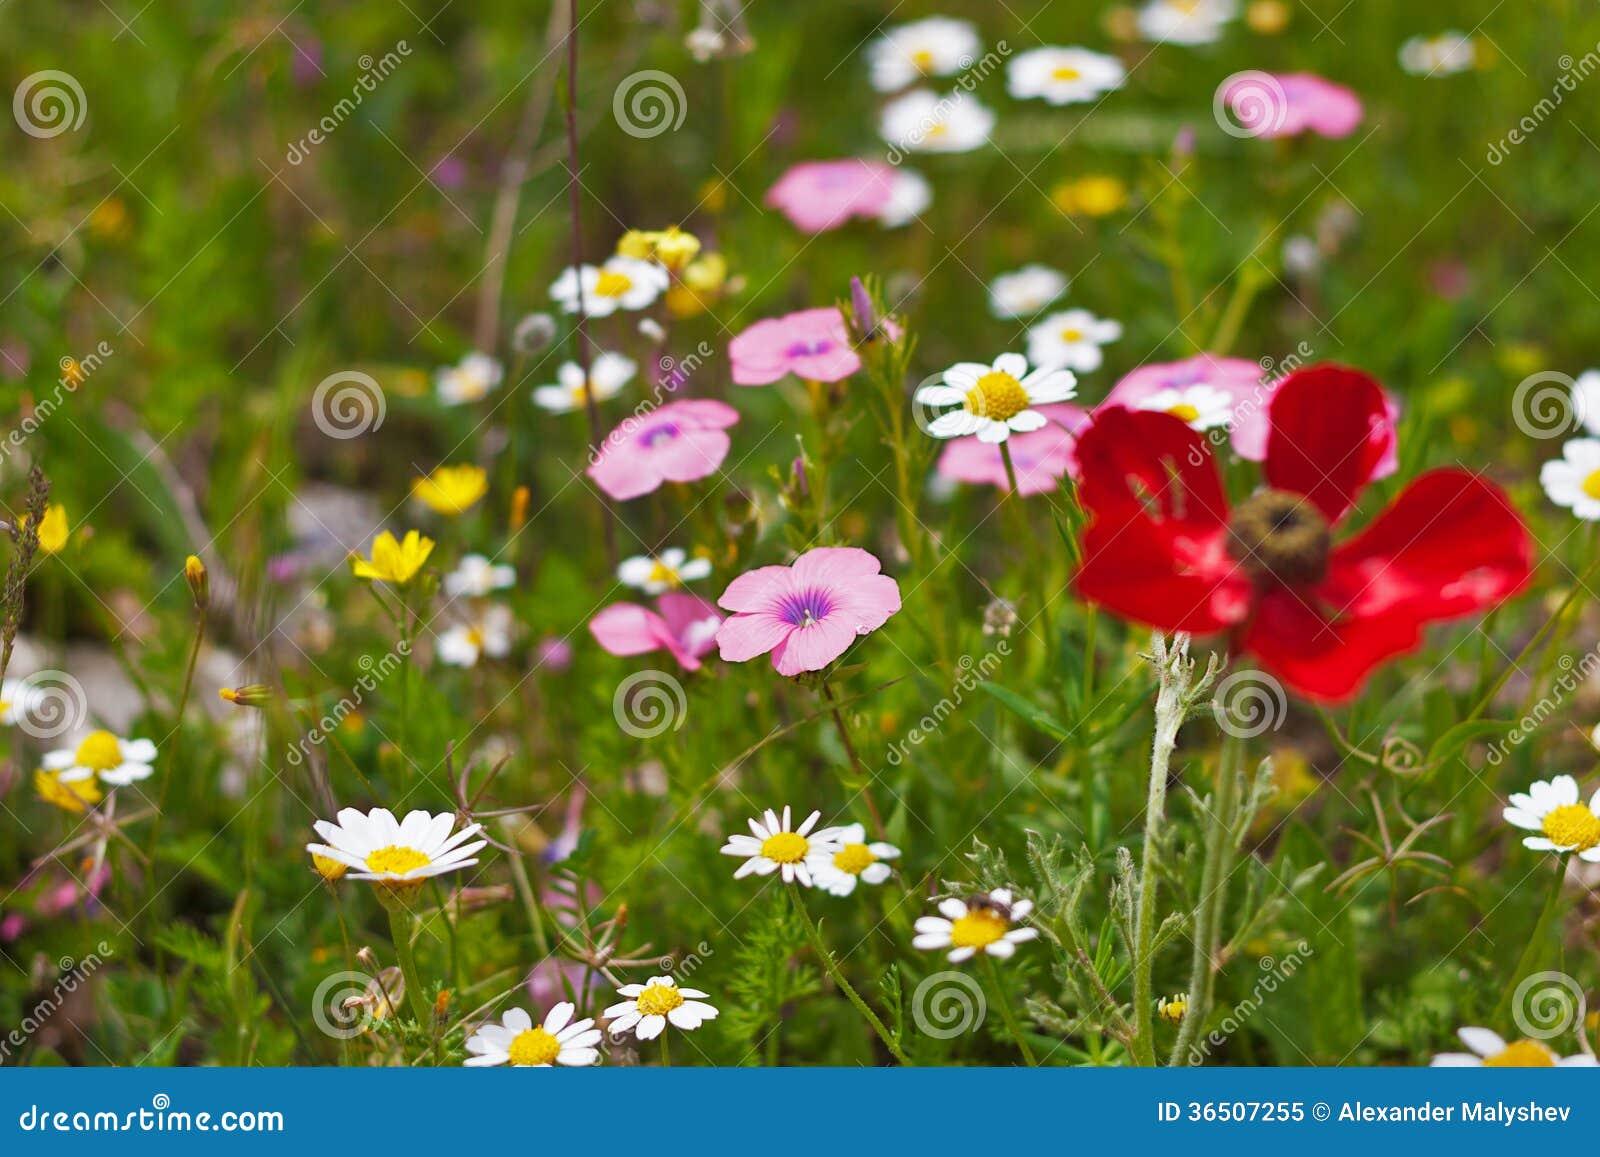 Veelvoudige gekleurde bloemen